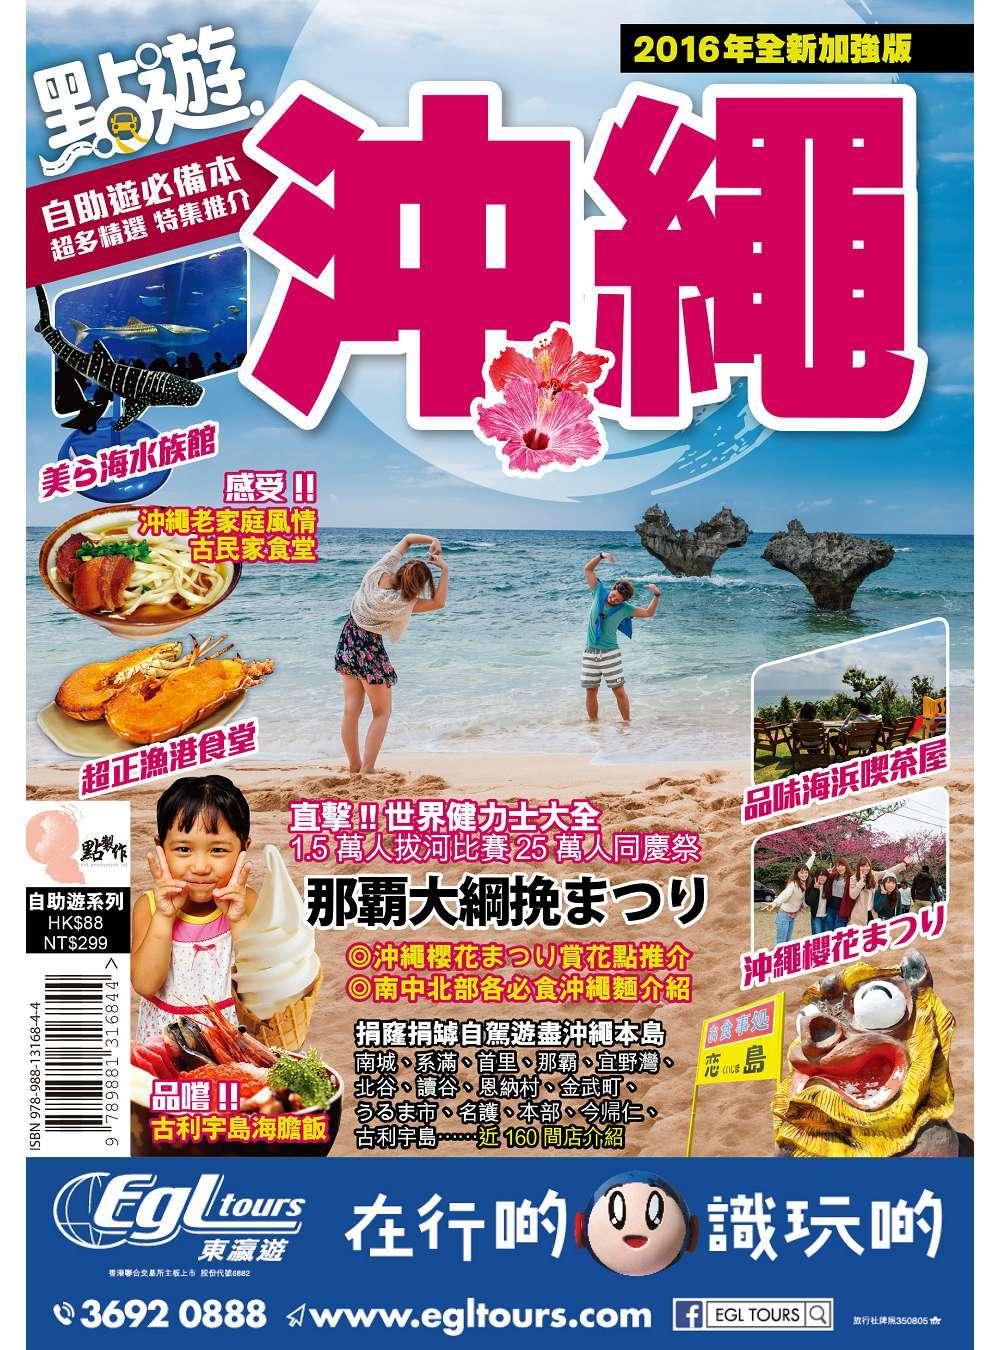 點遊.沖繩【2016年全新加強版】